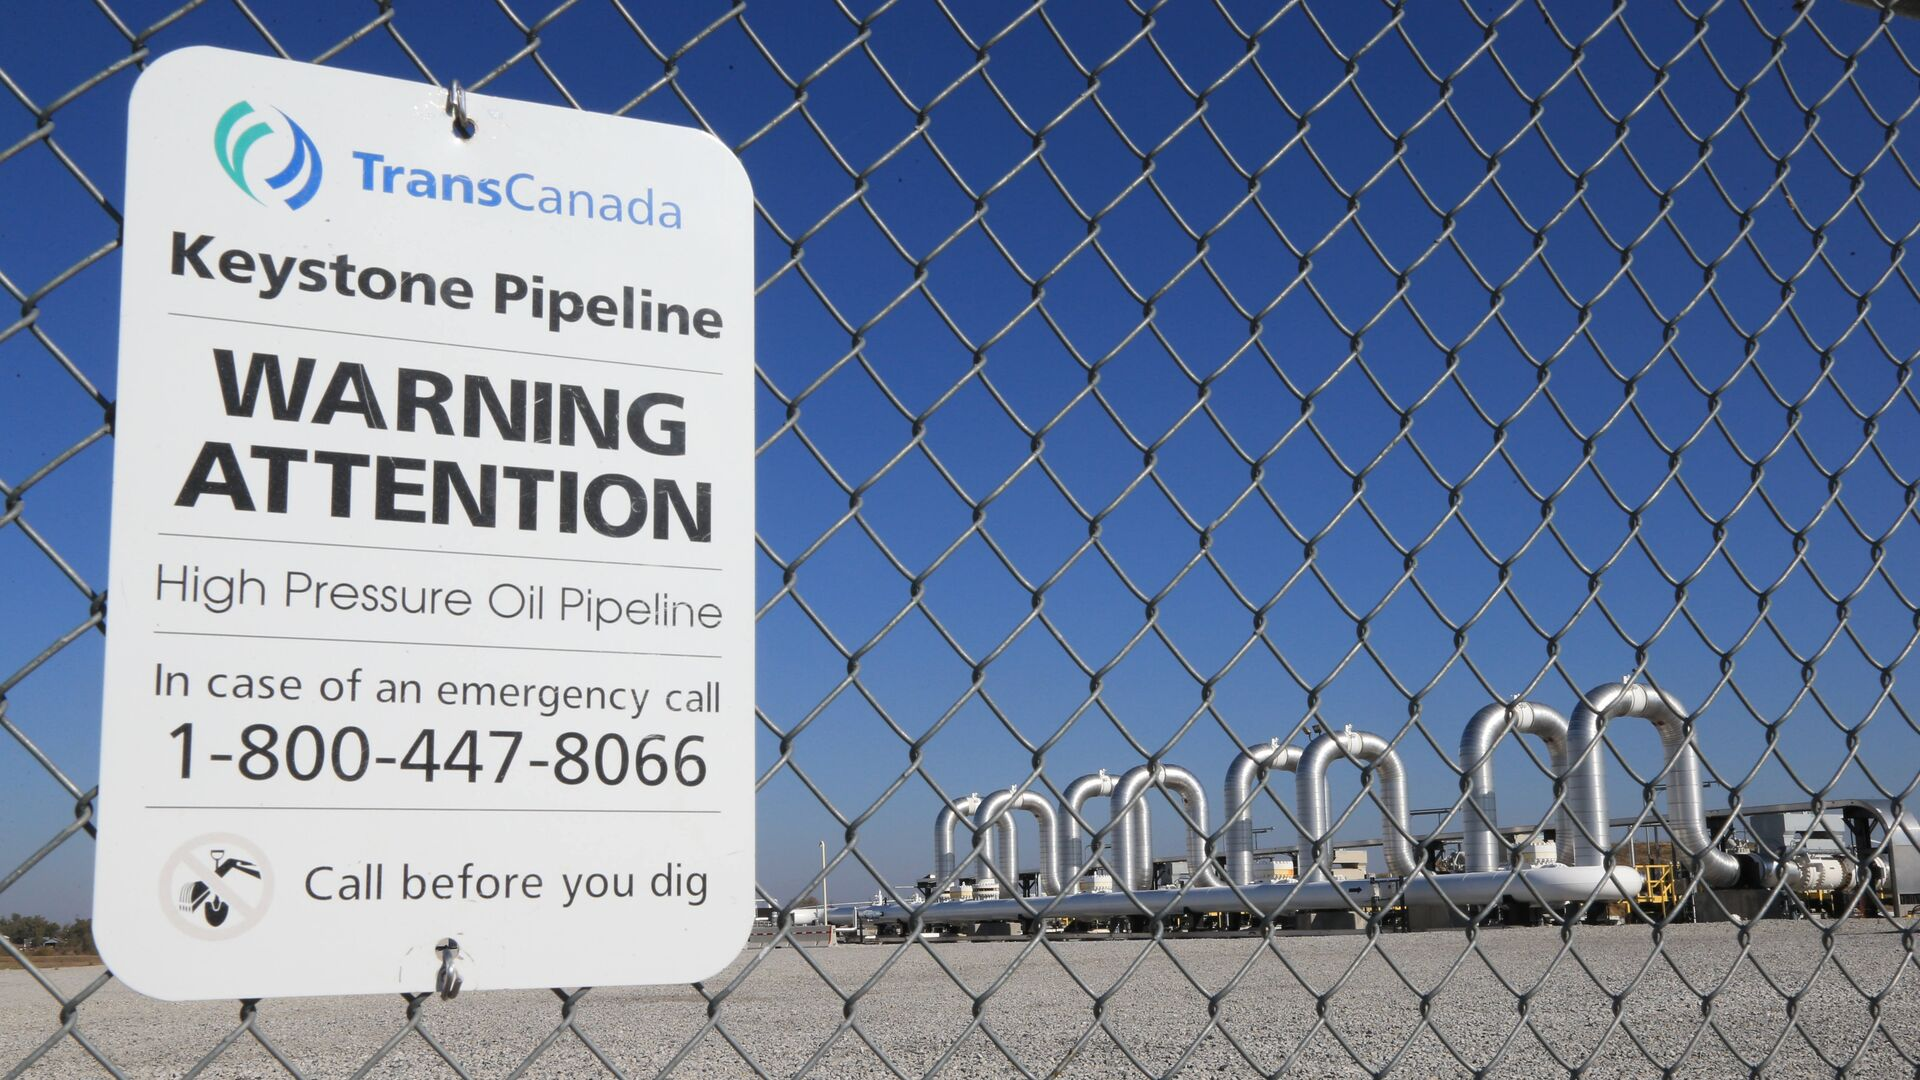 Компрессорная станция компании TransCanada для нефтепровода Keystone XL в Небраске, США - РИА Новости, 1920, 21.01.2021